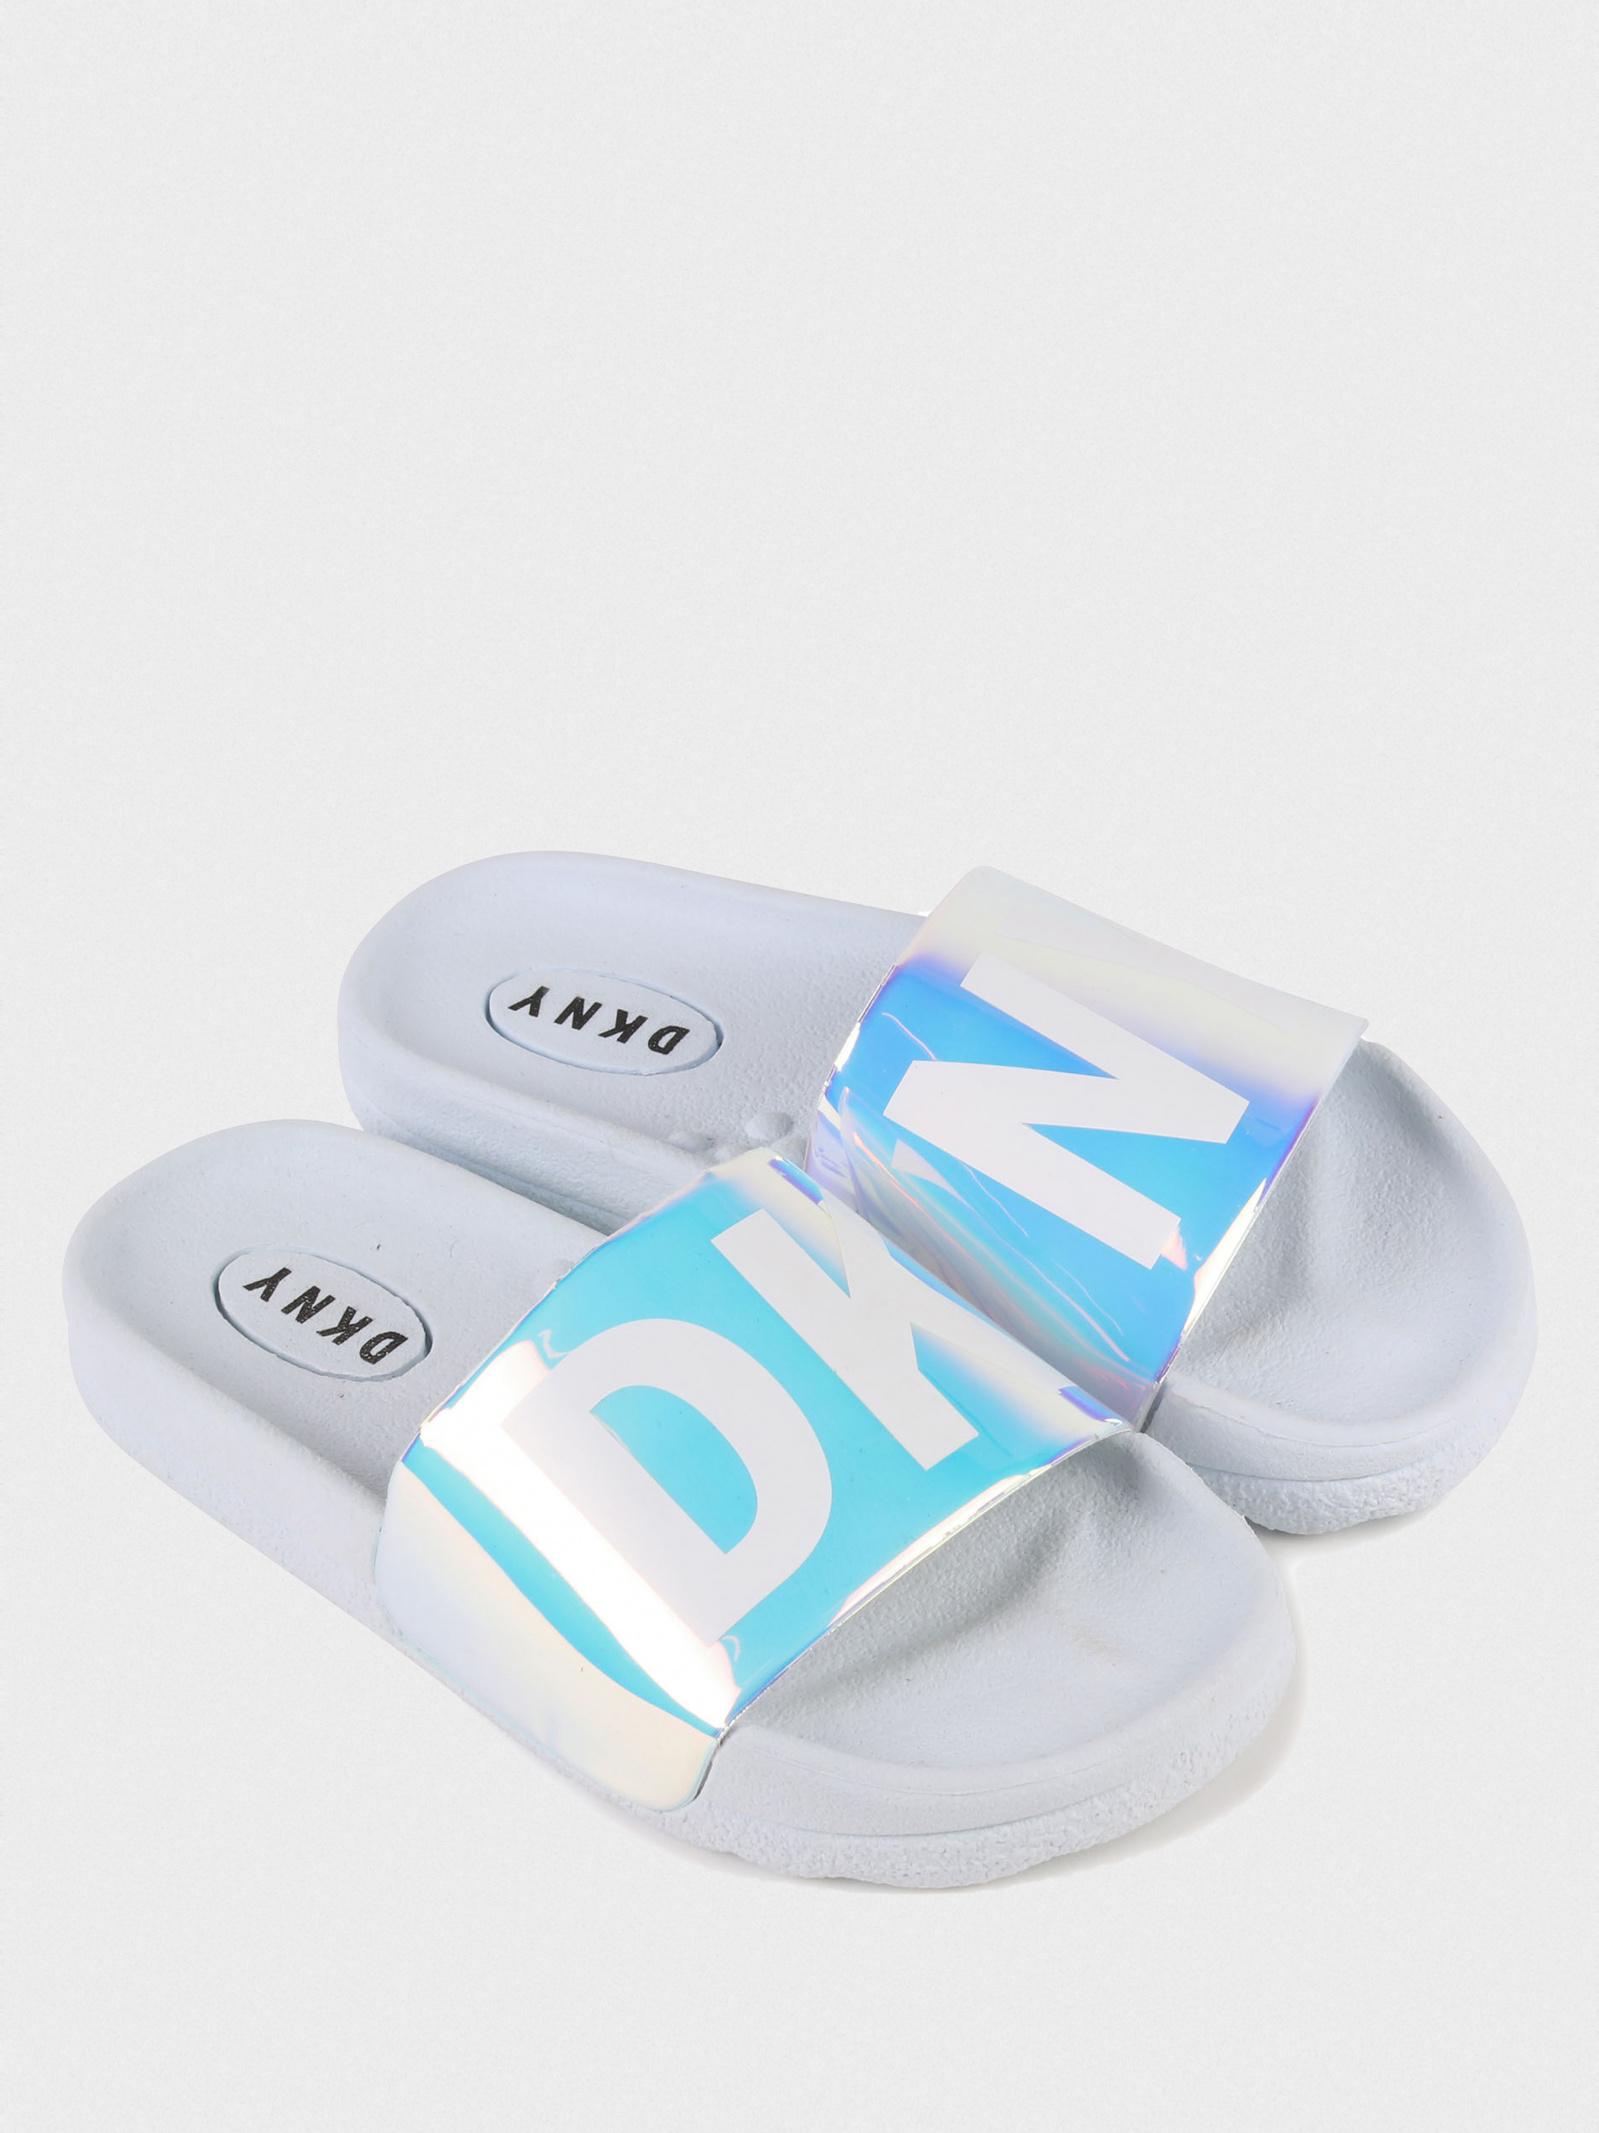 Шлёпанцы для детей DKNY D39023/111 купить в Интертоп, 2017